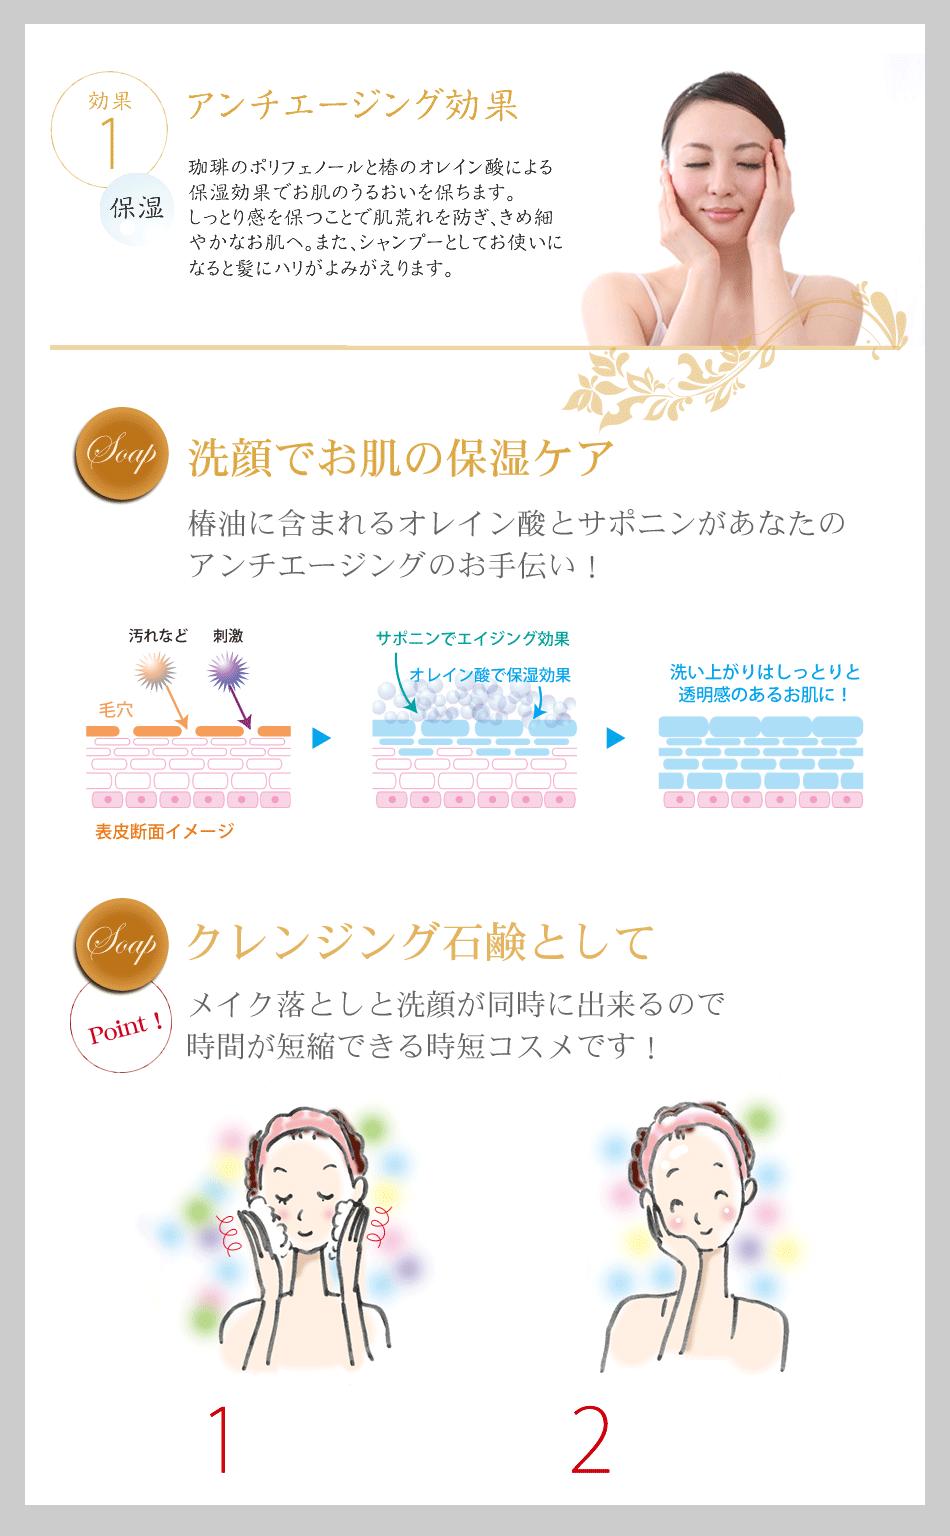 1.アンチエージング効果 洗顔でお肌の保湿ケア クレンジング石鹸として